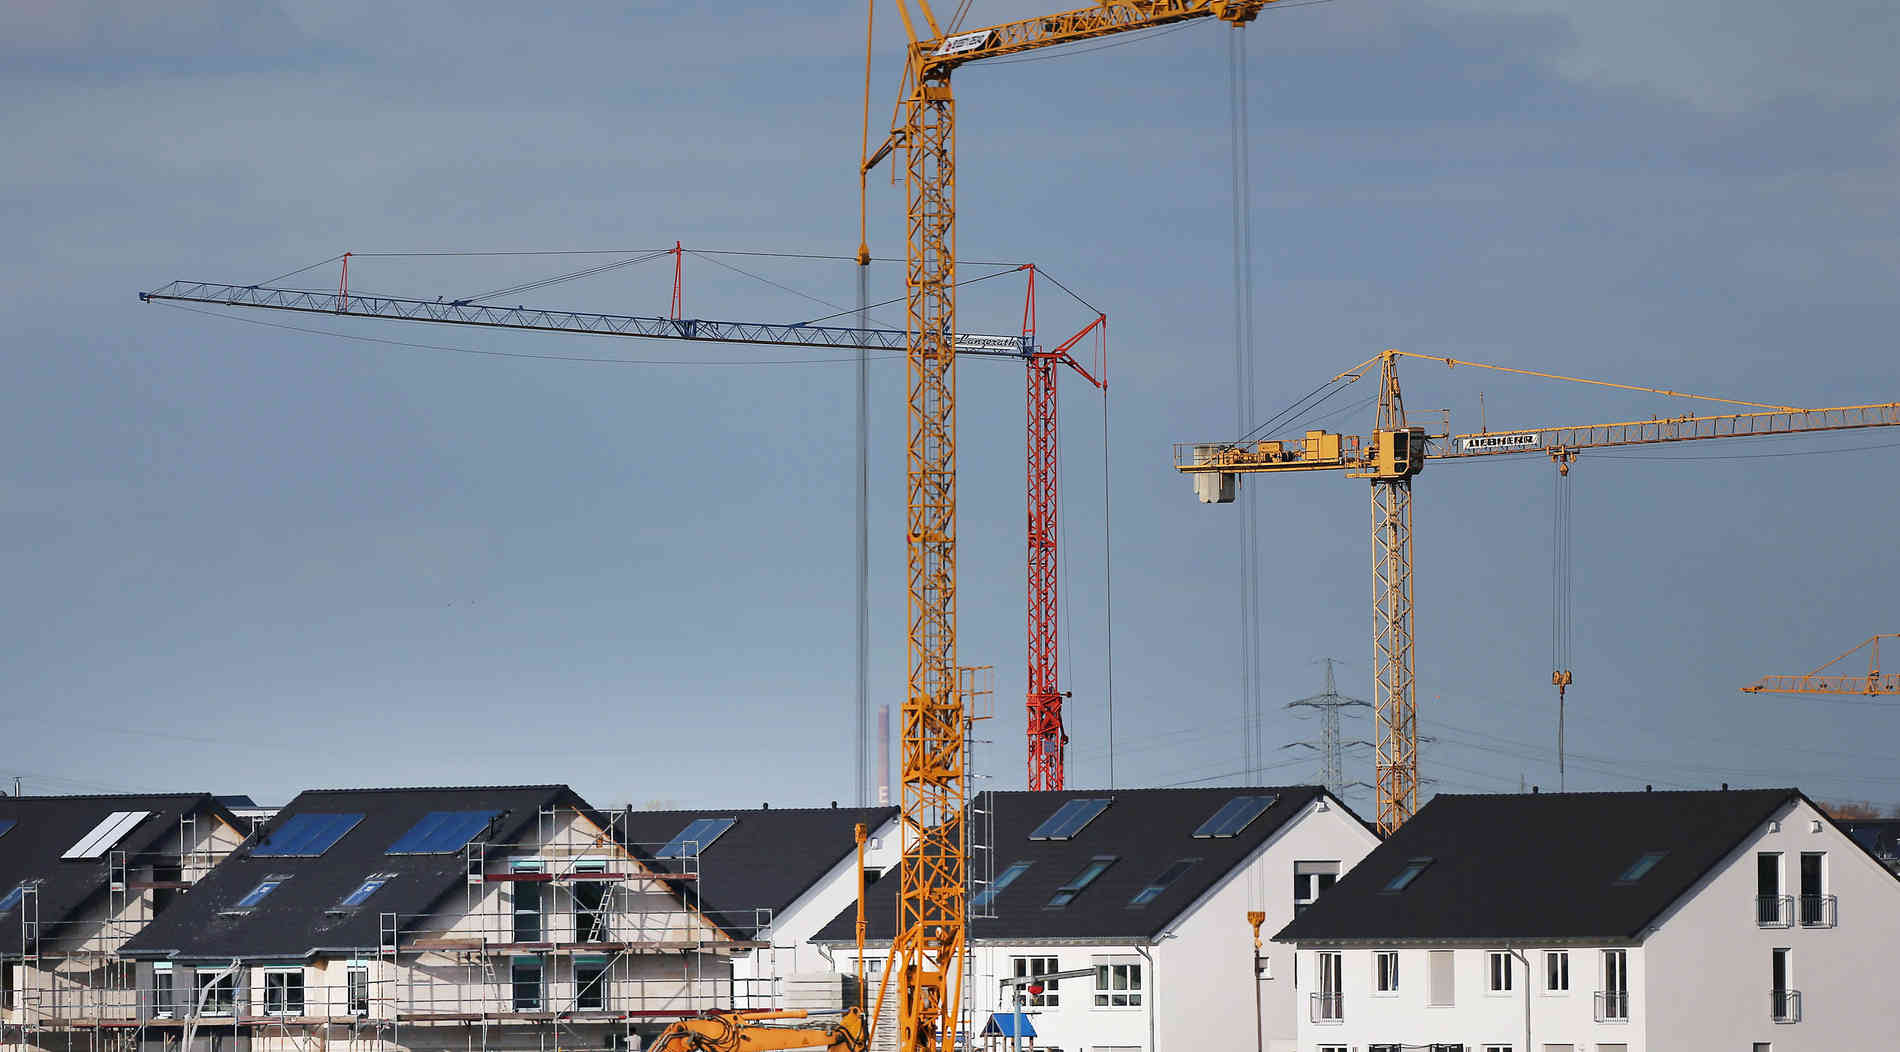 Behörden genehmigenmehr Neubauten in NRW